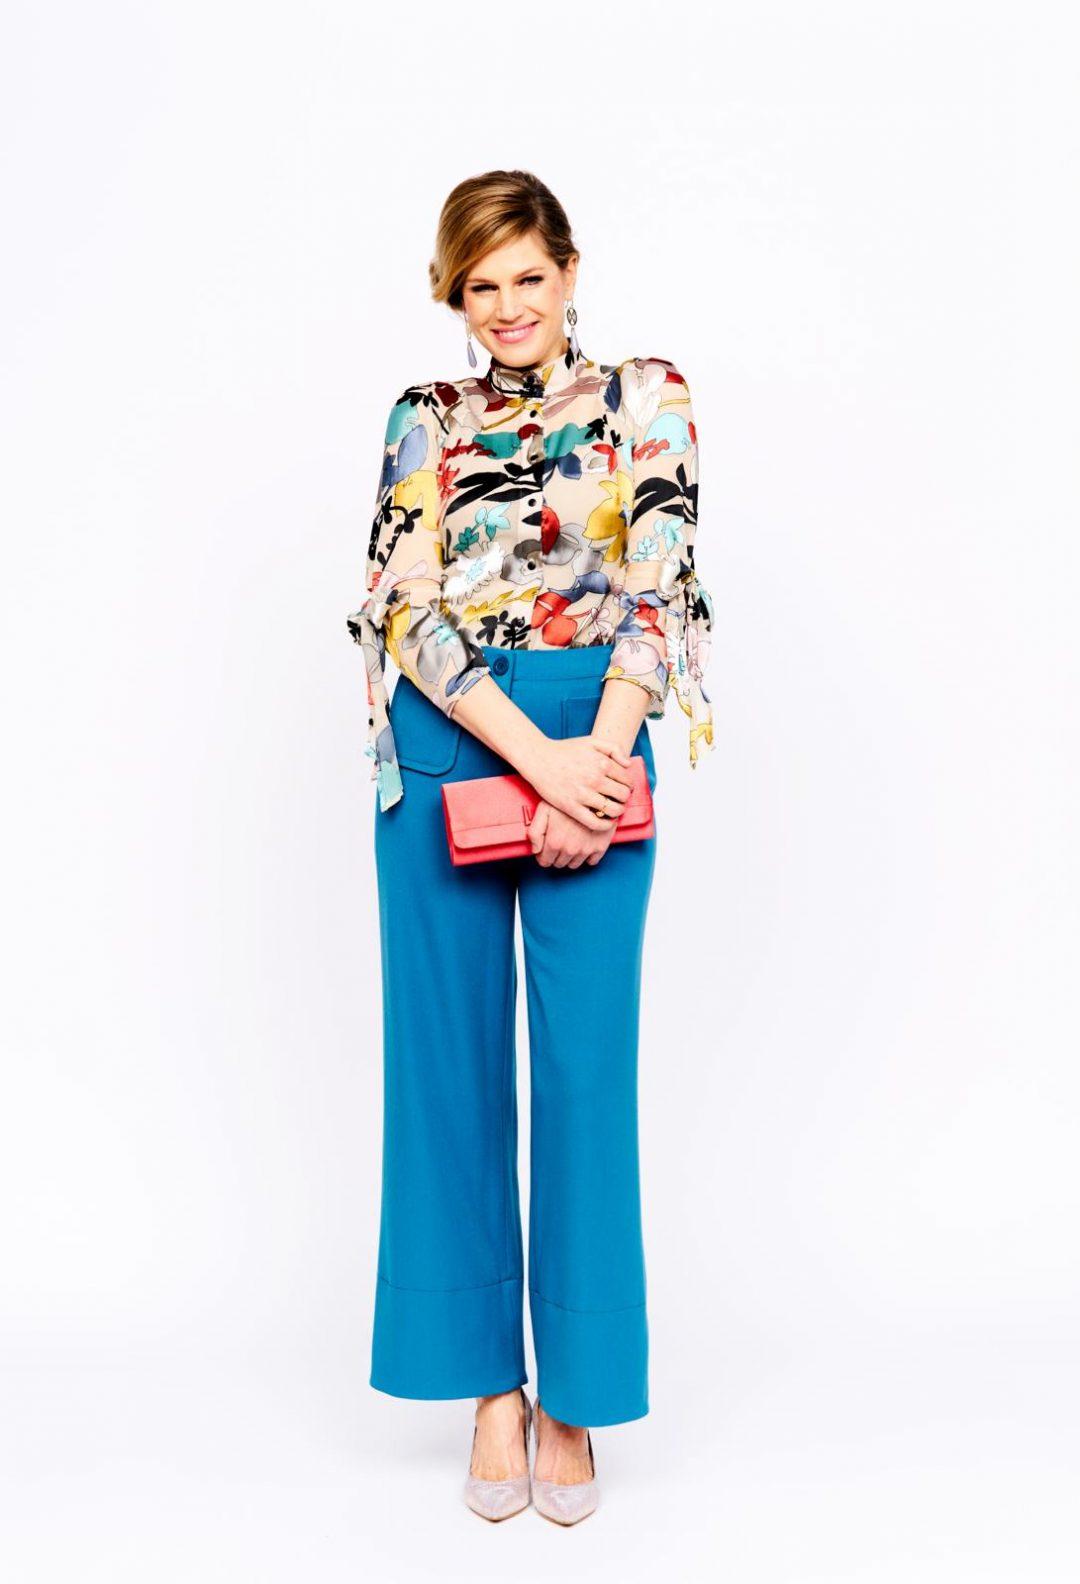 KM 4 blouse 2 en broek 5